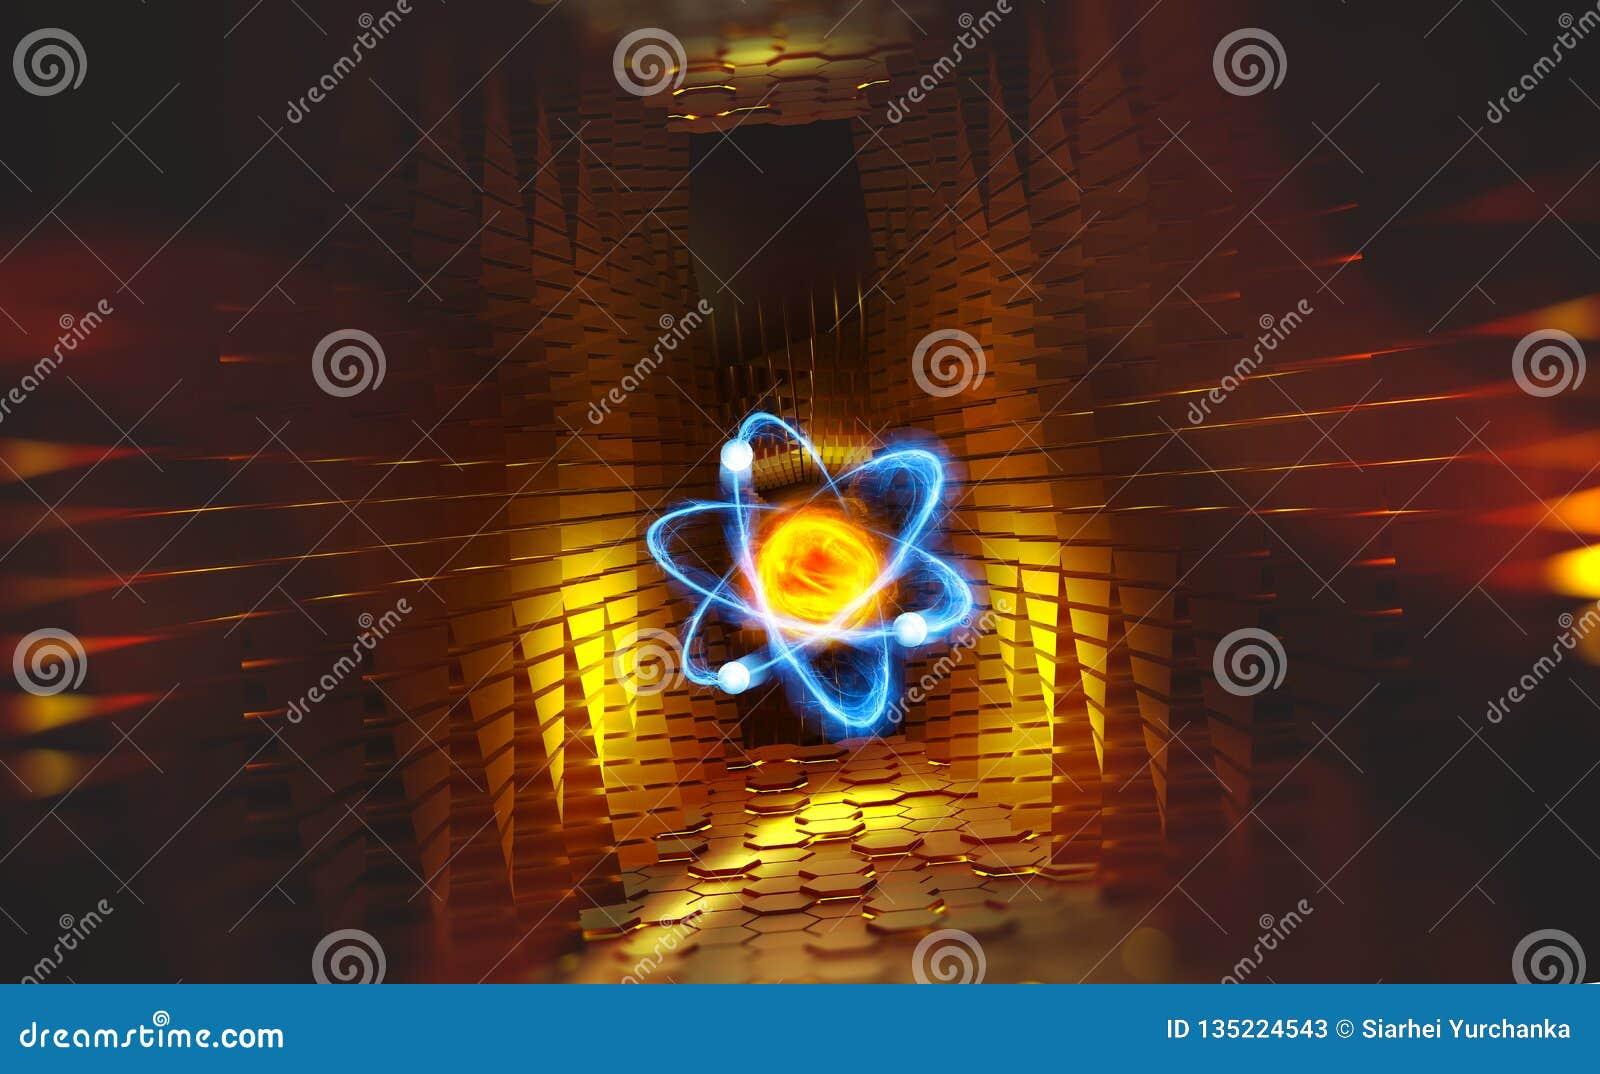 Atom Nauka struktura wszechświat Hadron Collider i przyszłość technologie